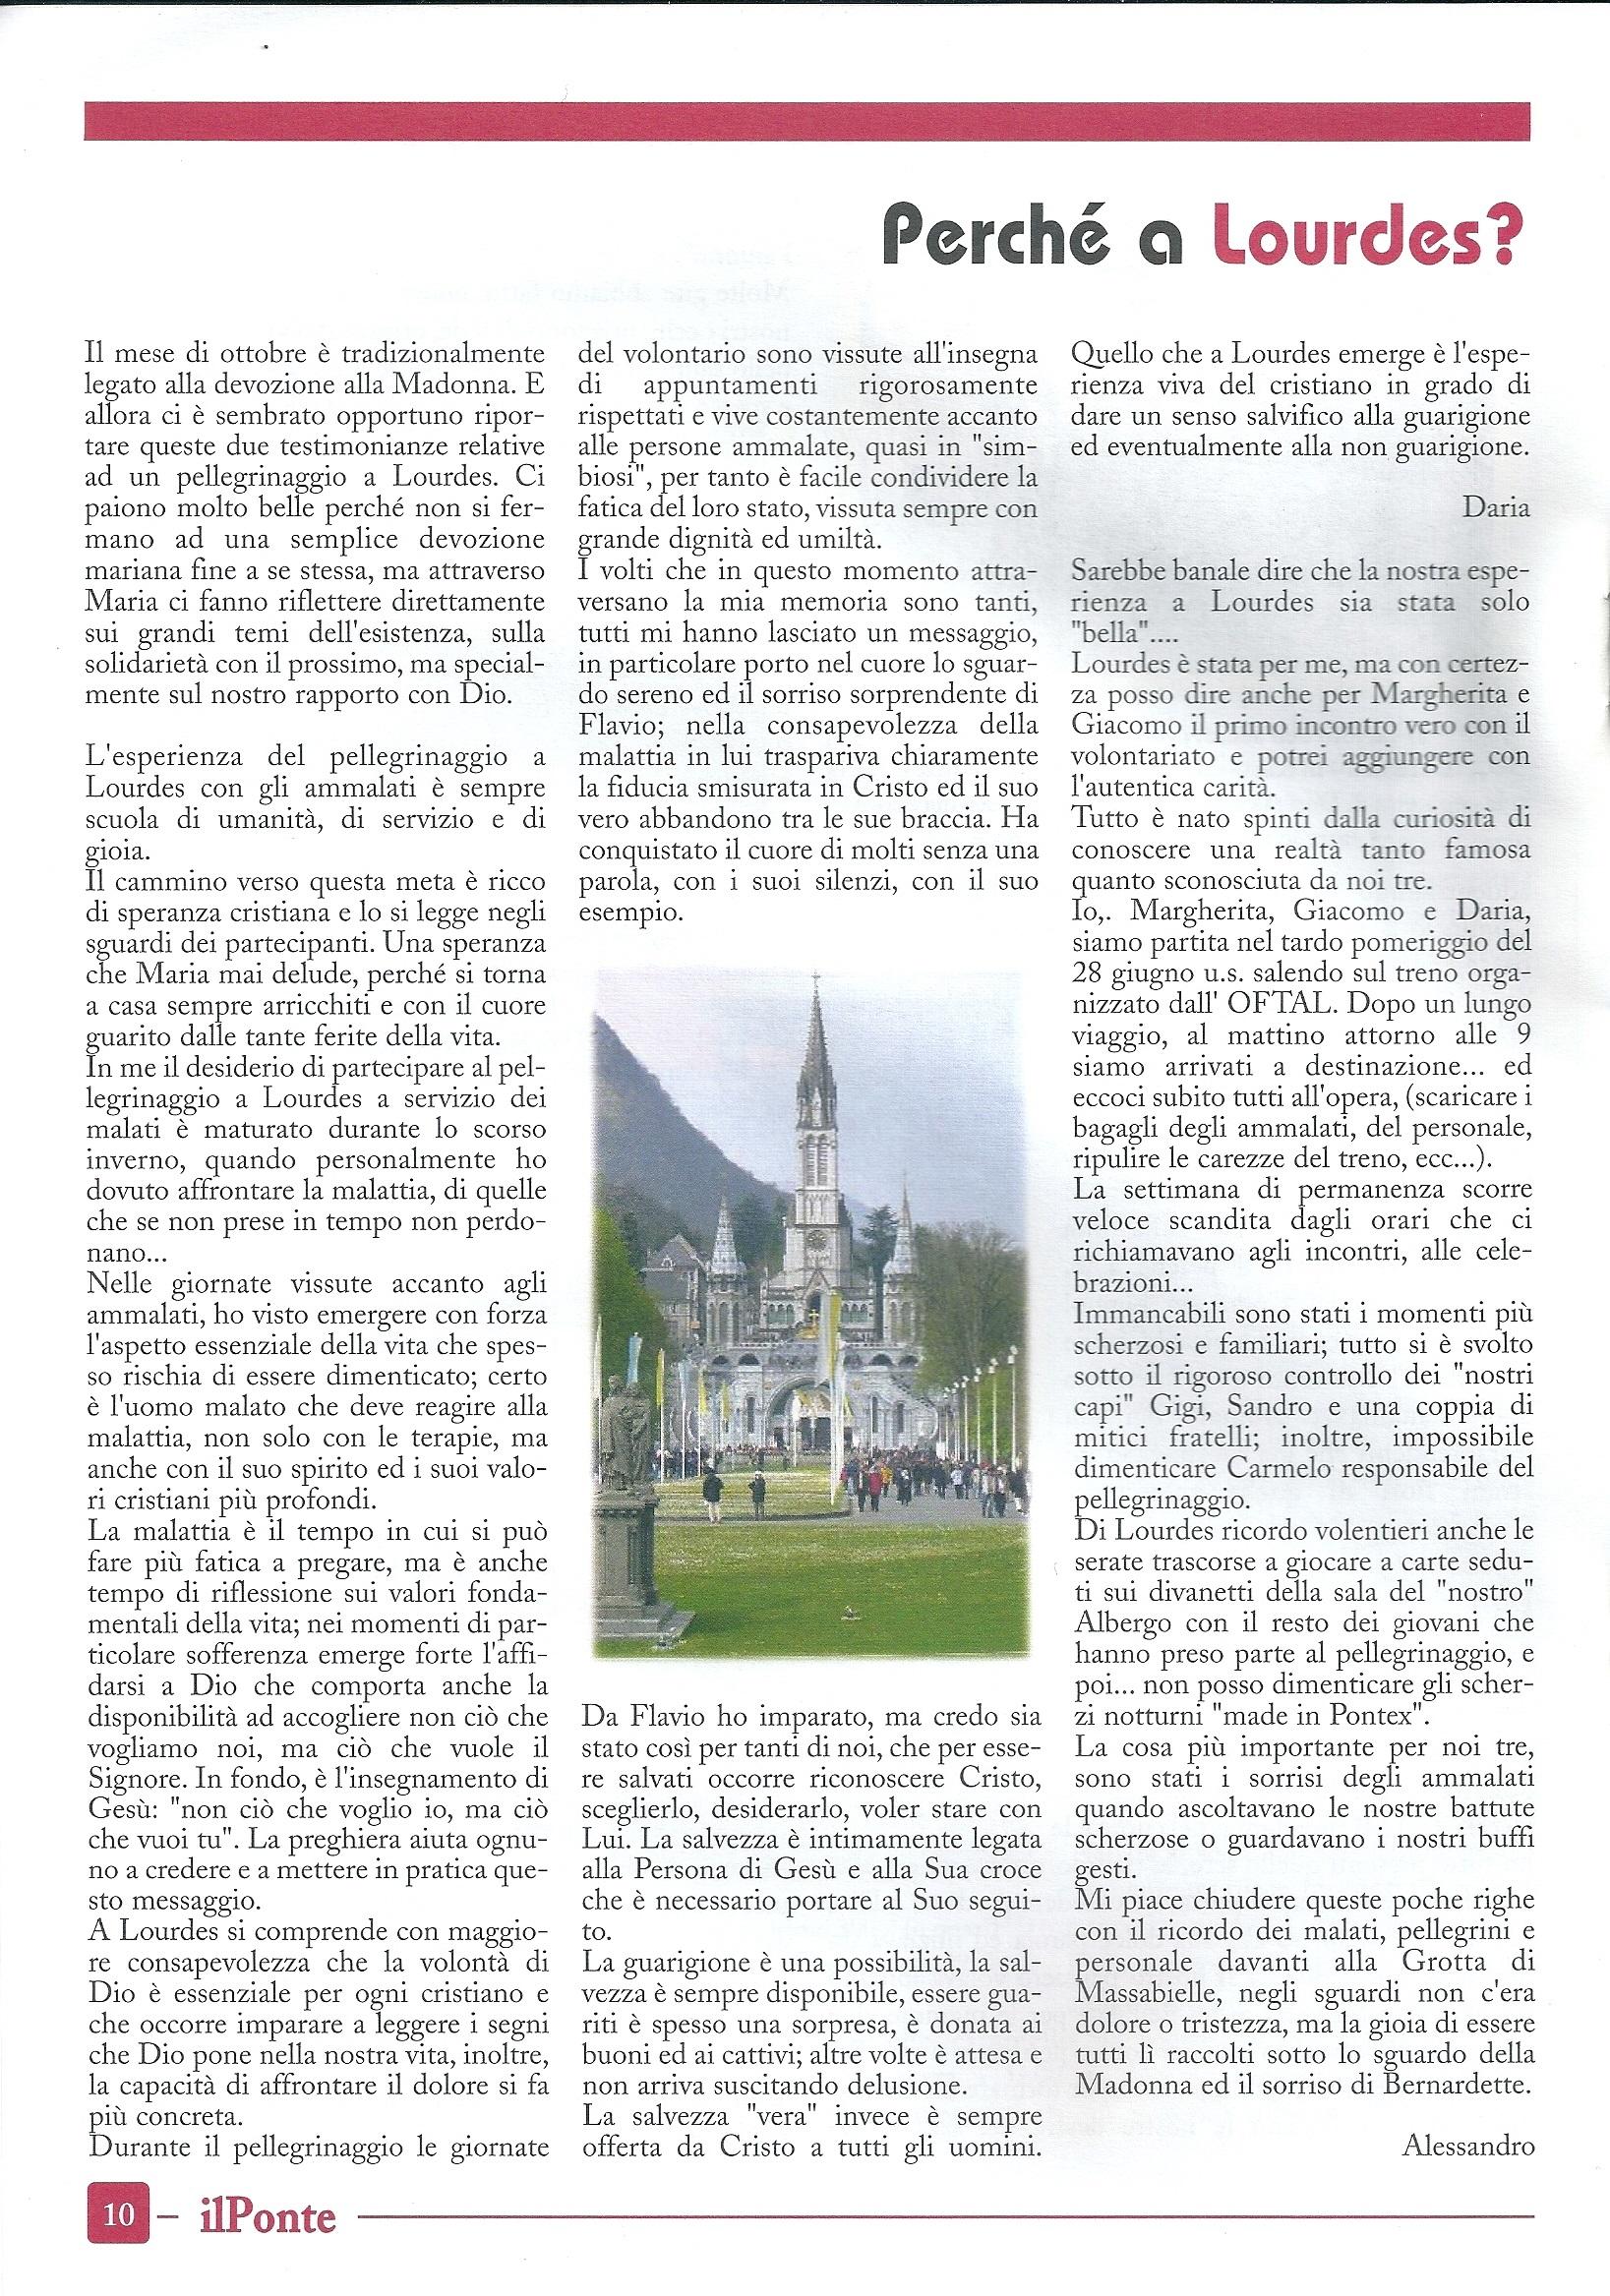 Ricordo del viaggio a Lourdes a luglio 2010